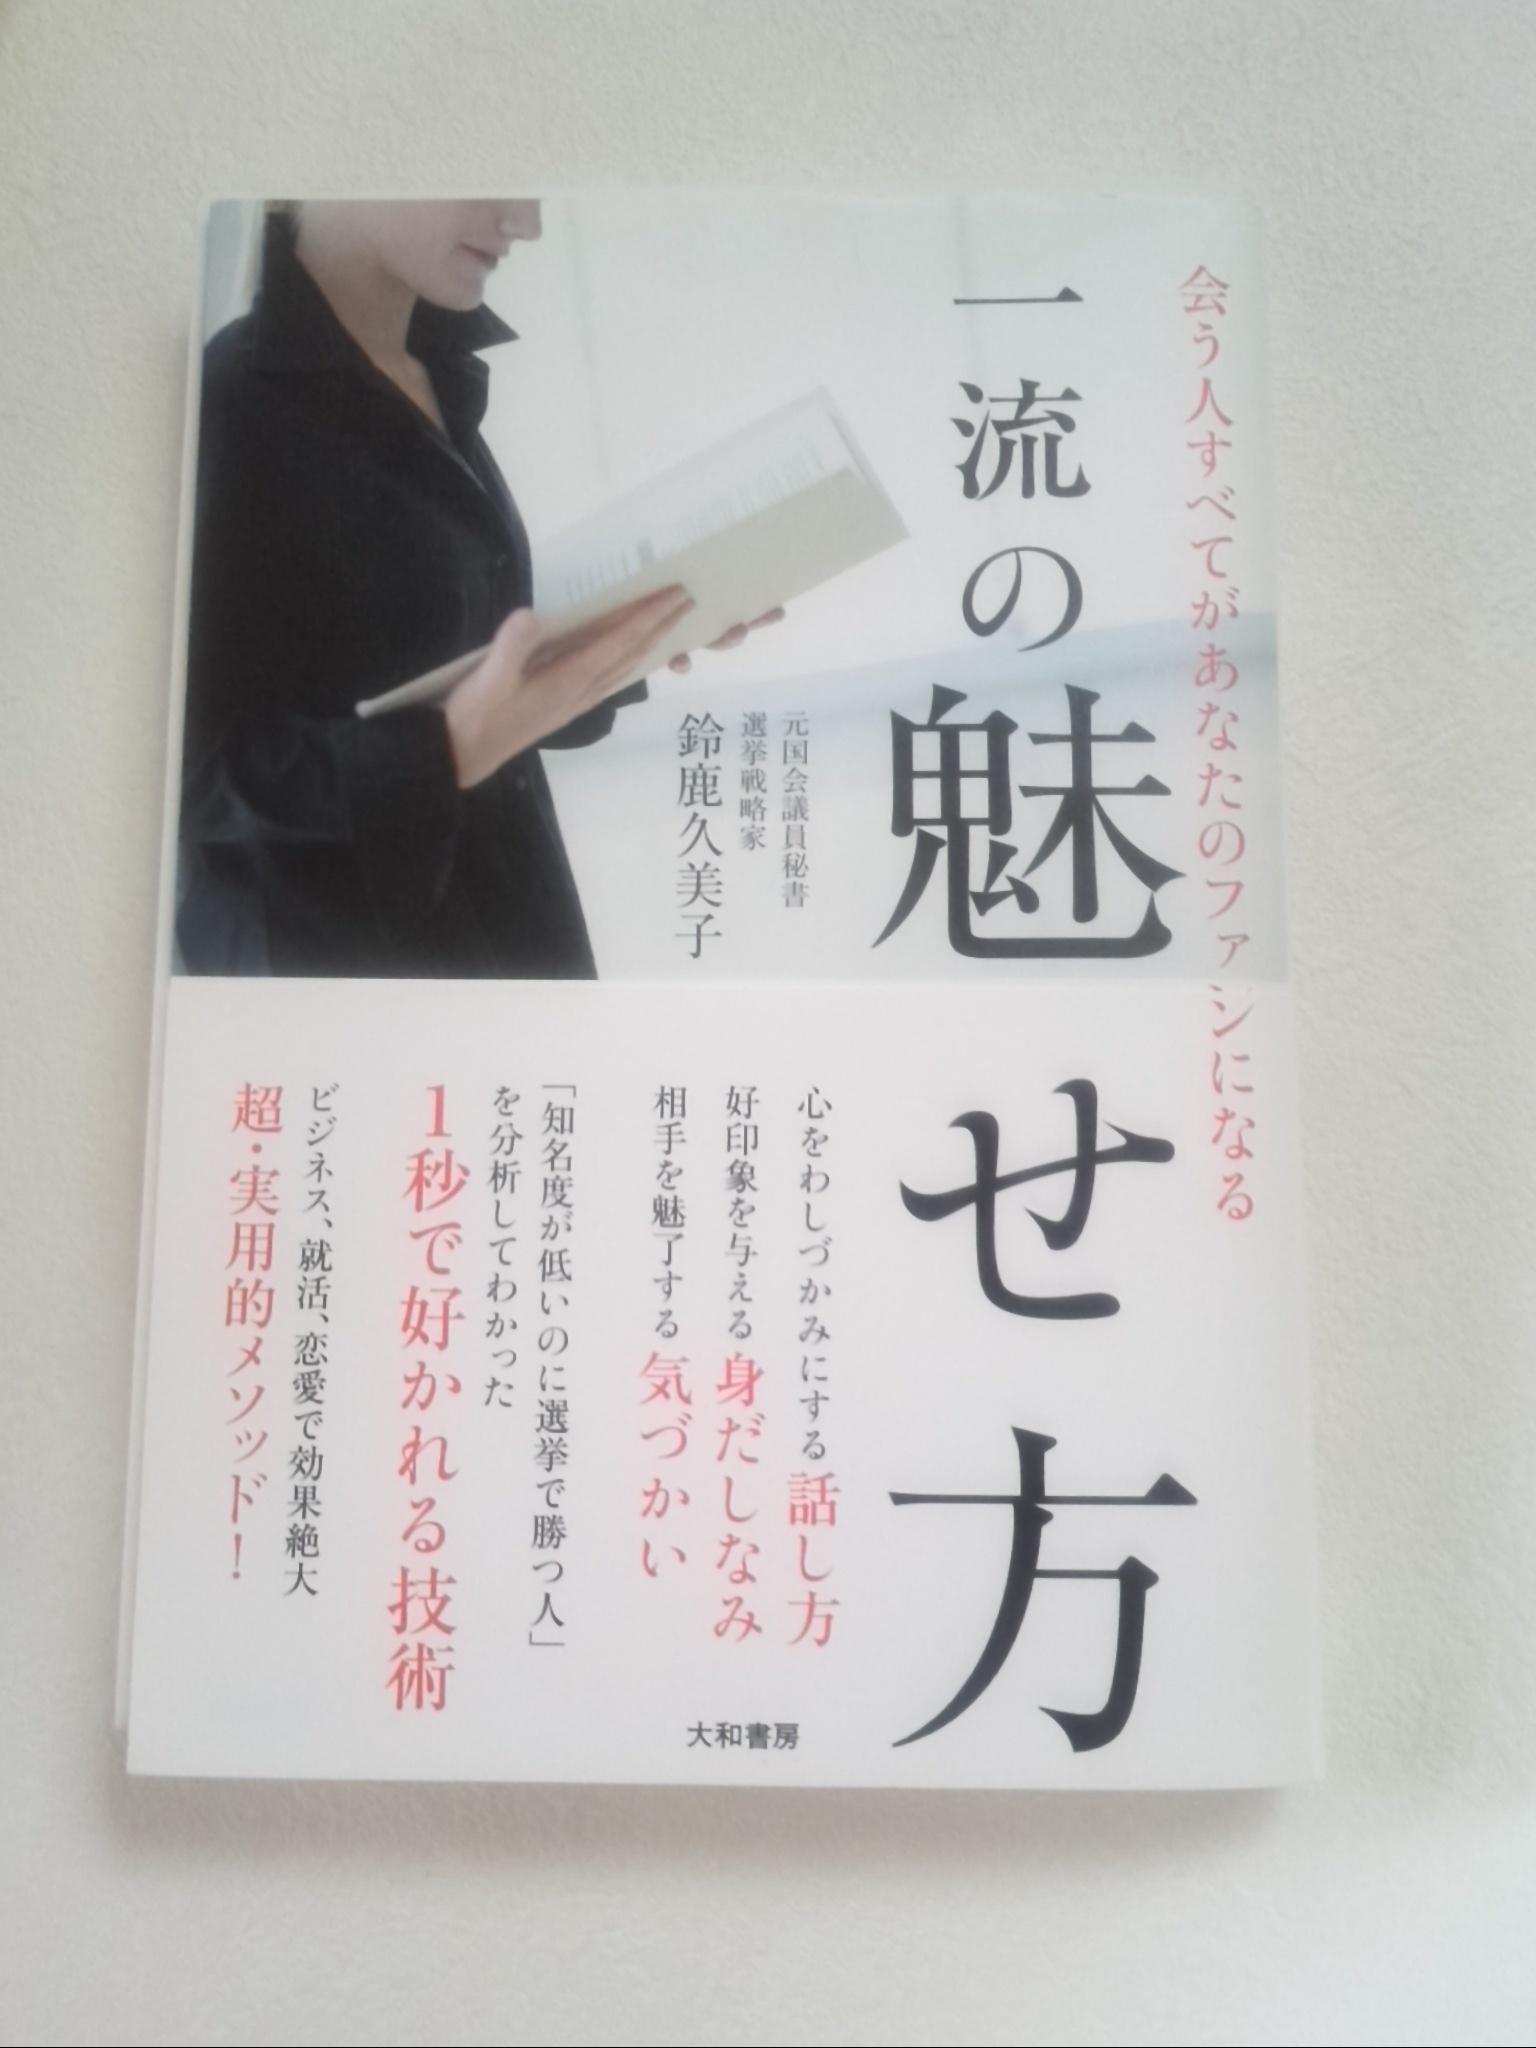 「女性選挙戦略家 鈴鹿久美子氏」の出版記念パーリィに行って来ました!_f0340942_23190741.jpg